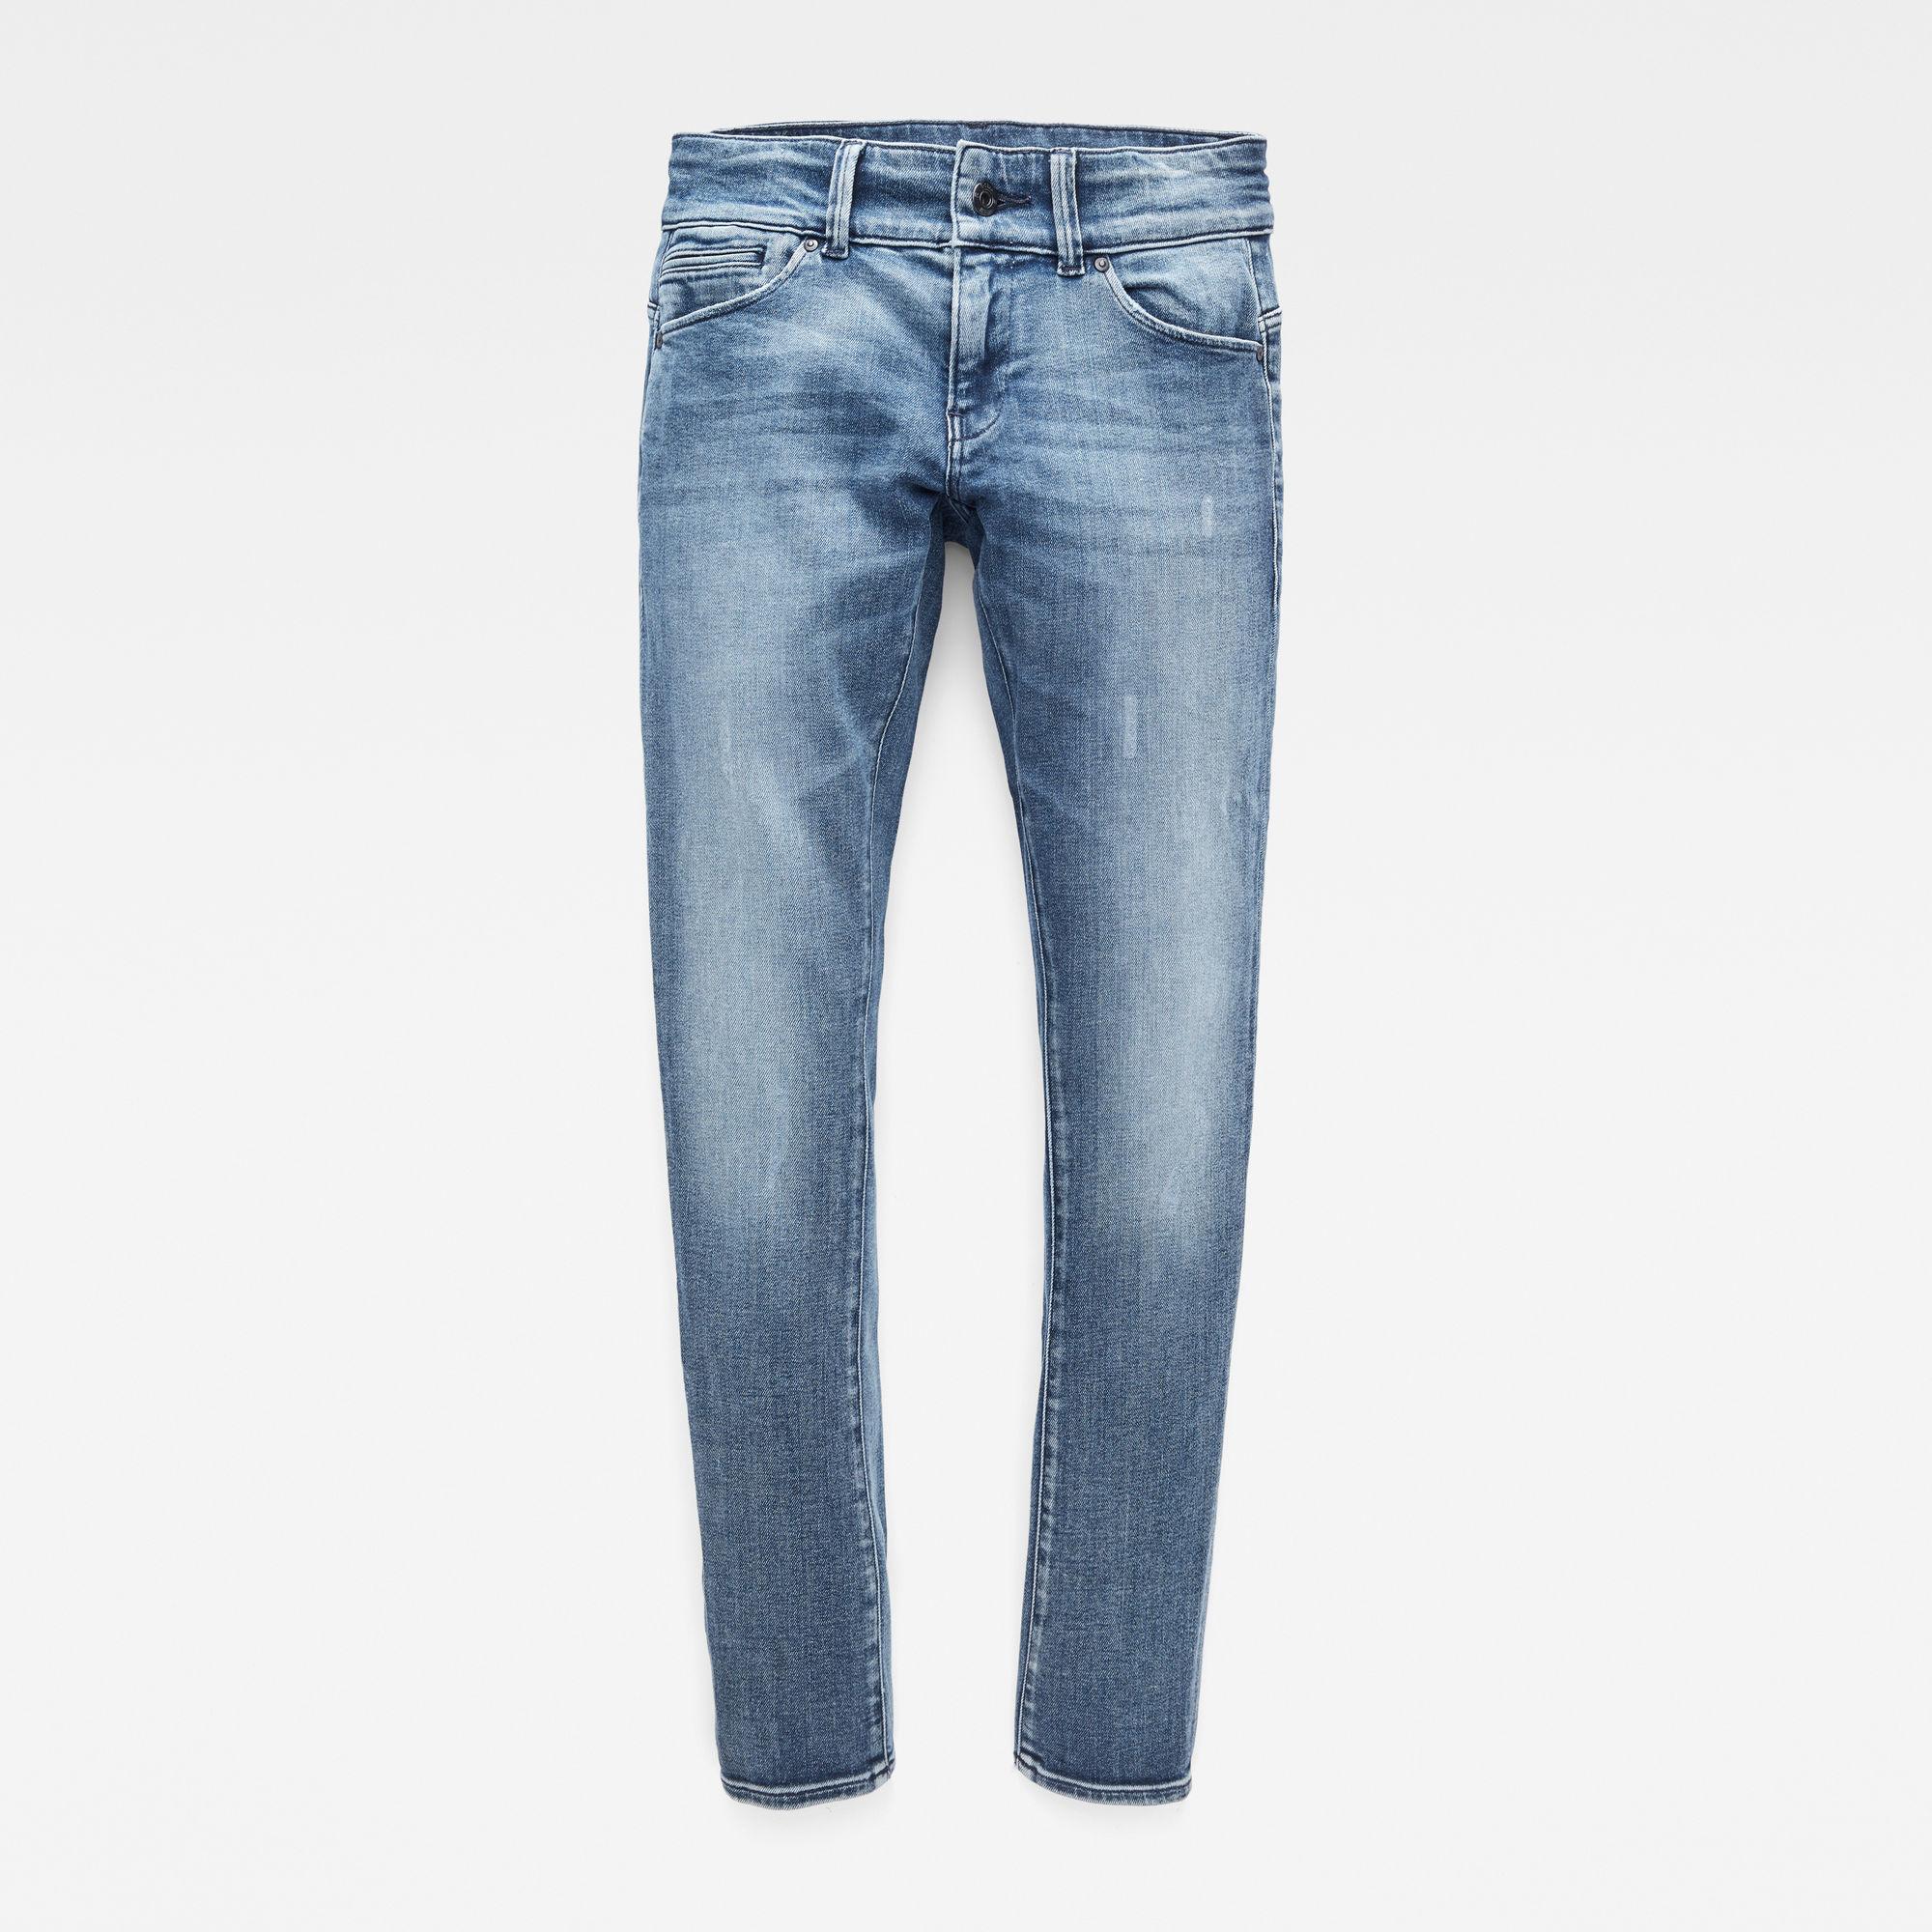 G-Star RAW Meisjes Midge Skinny Jeans Blauw